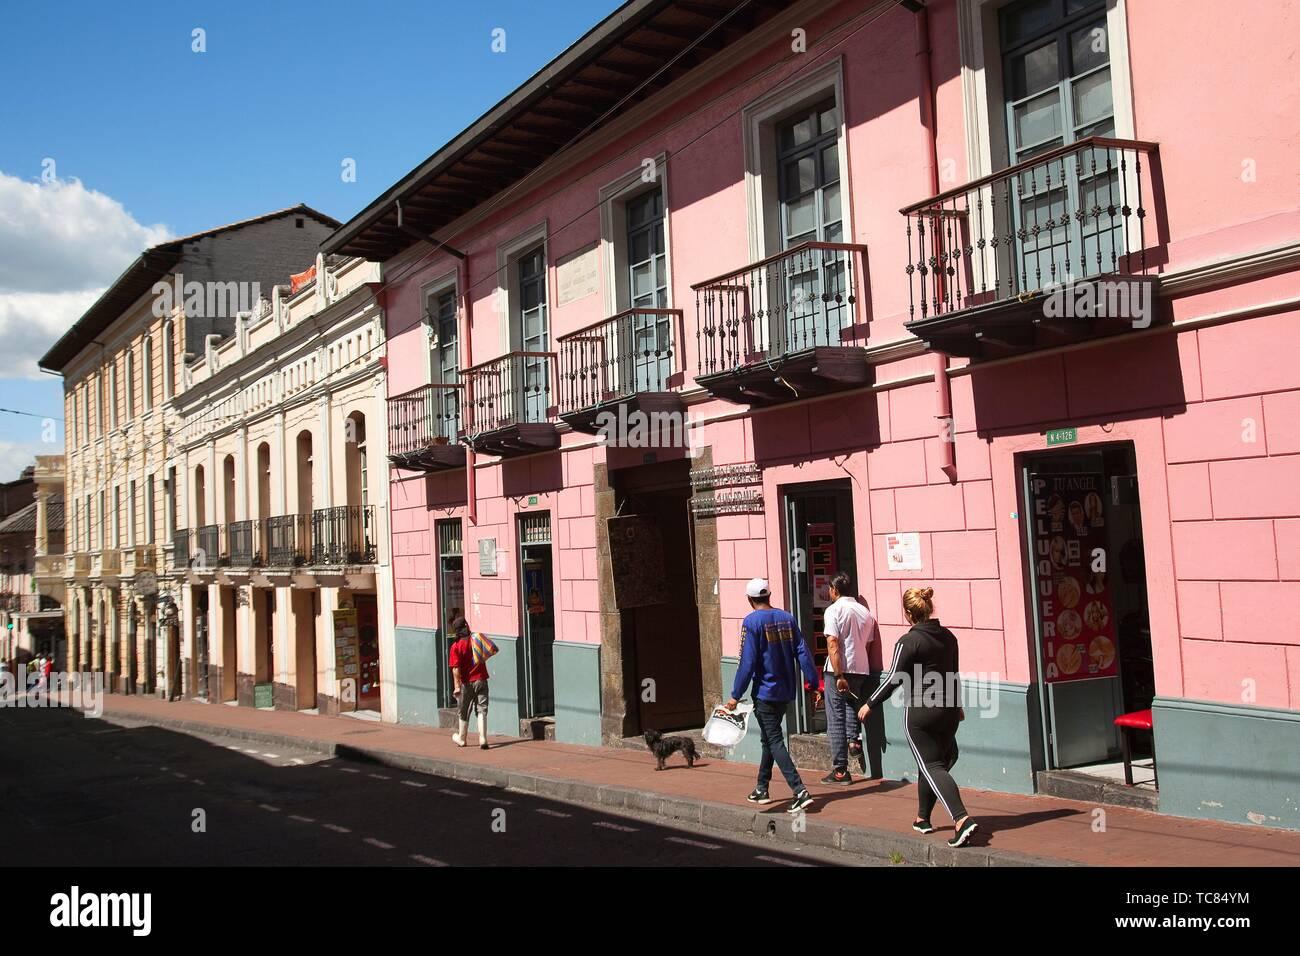 La gente caminando delante de pintorescos edificios coloniales con balcones en el centro histórico de Quito, Ecuador, Sudamérica Foto de stock